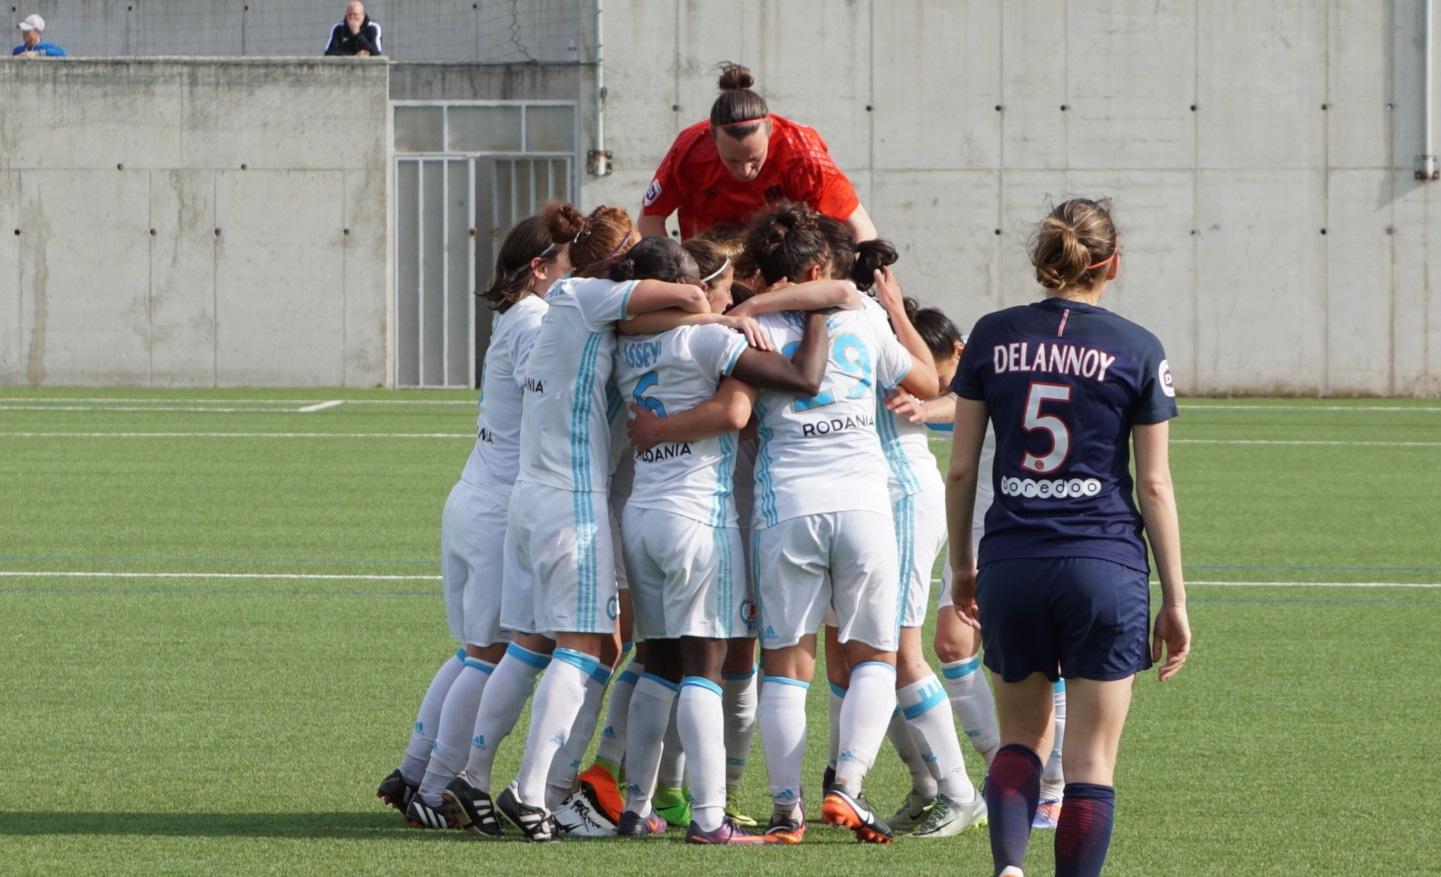 La joie olympienne contraste avec la déception de Delannoy (photo footofeminin.fr)